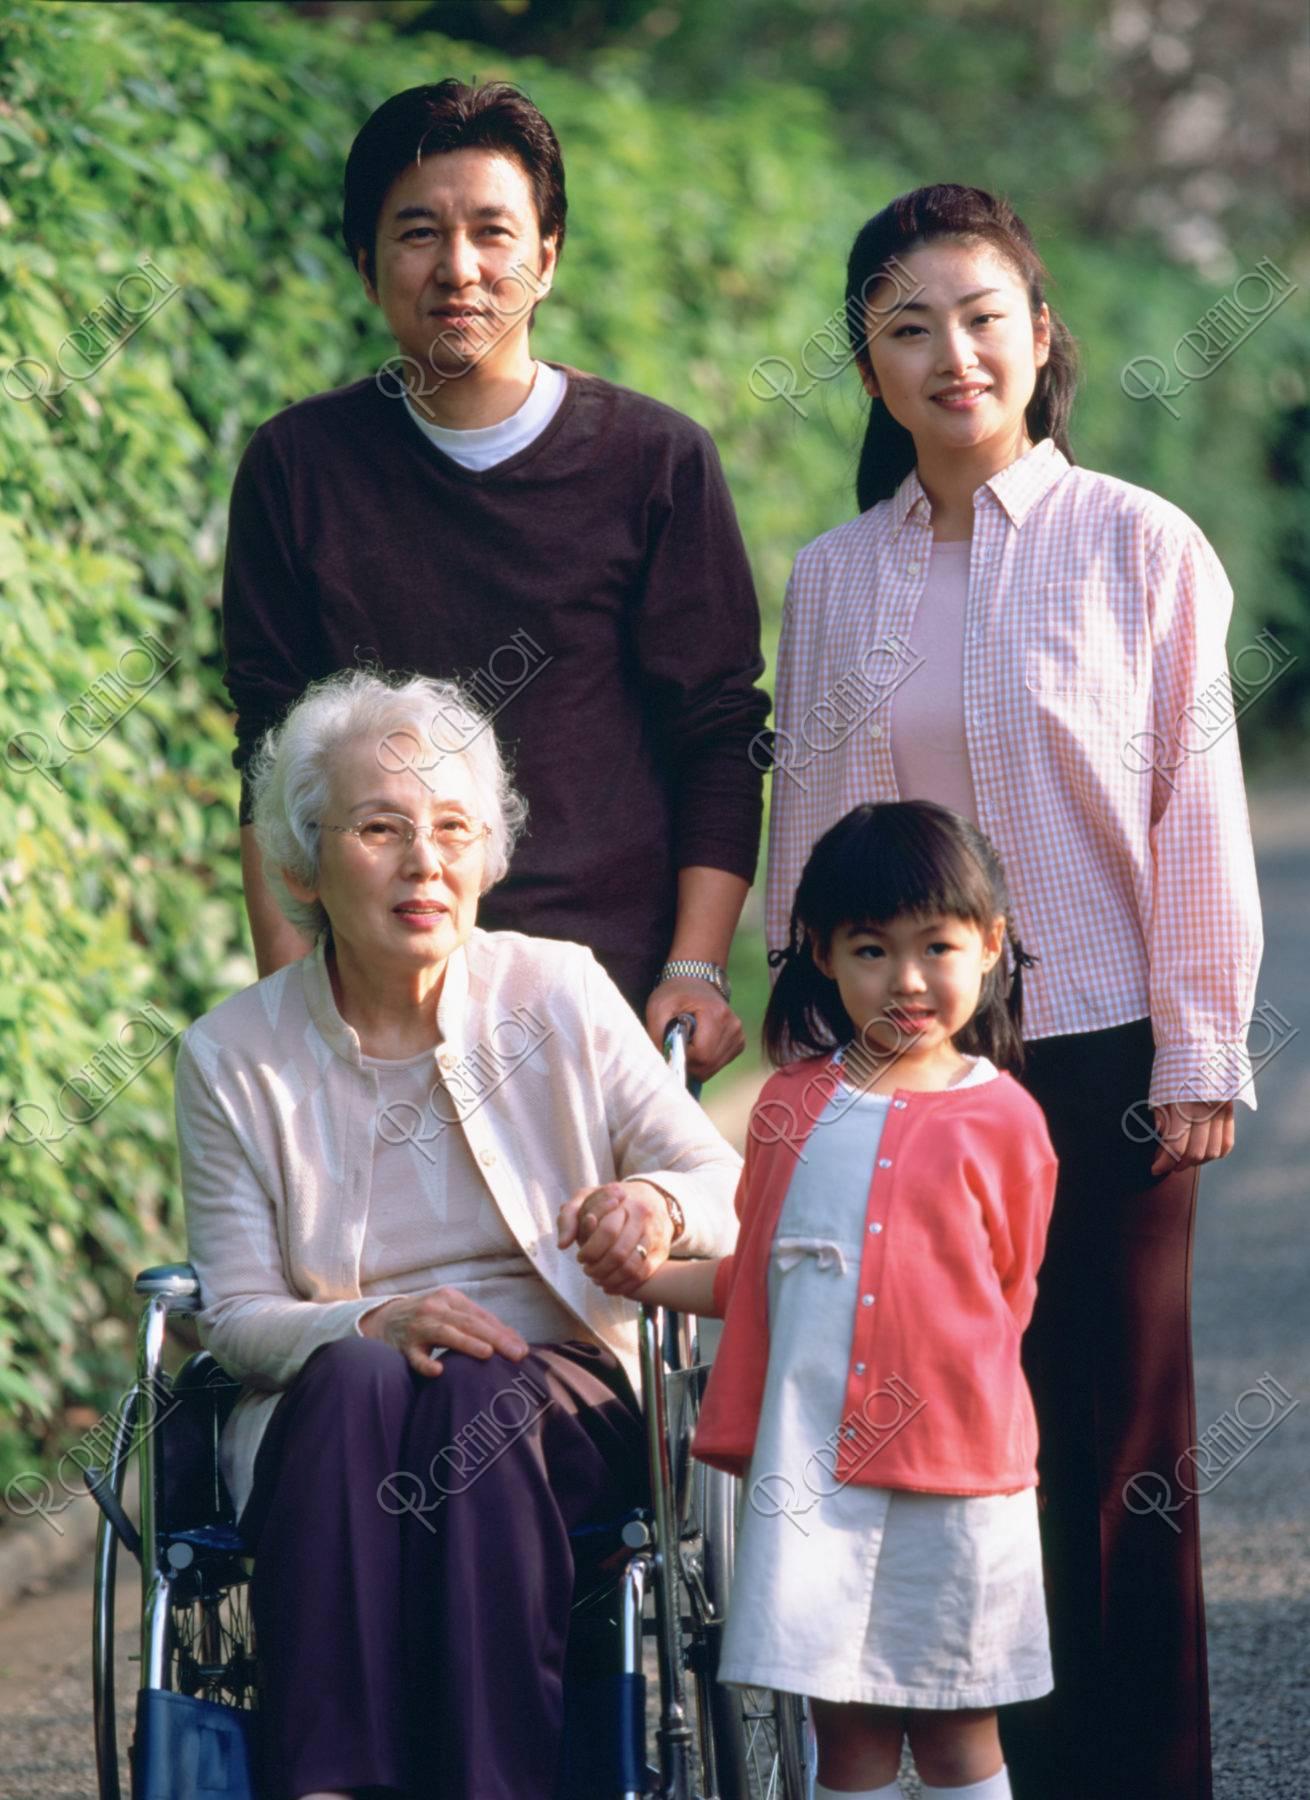 車椅子の祖母とファミリー